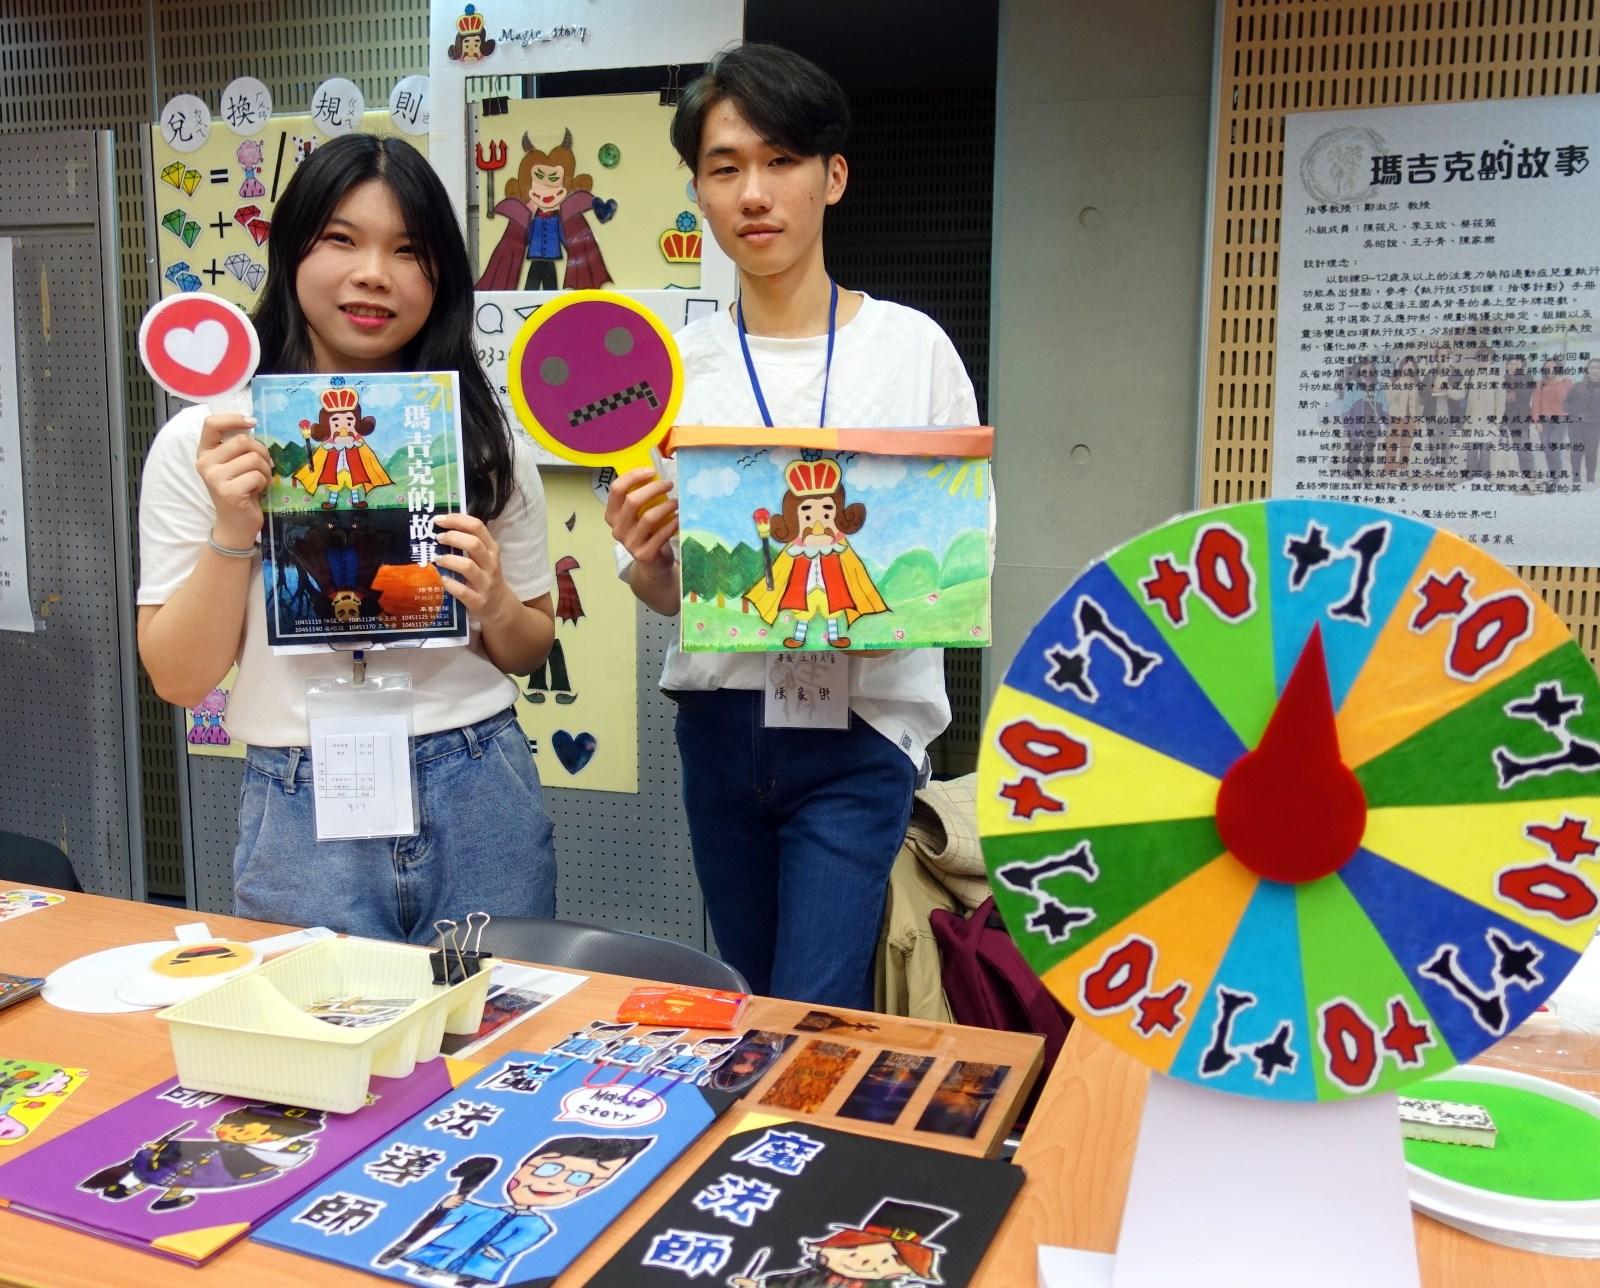 為訓練注意力缺陷過動症兒童執行能力,中原特教系學生發展一套卡牌遊戲。.JPG